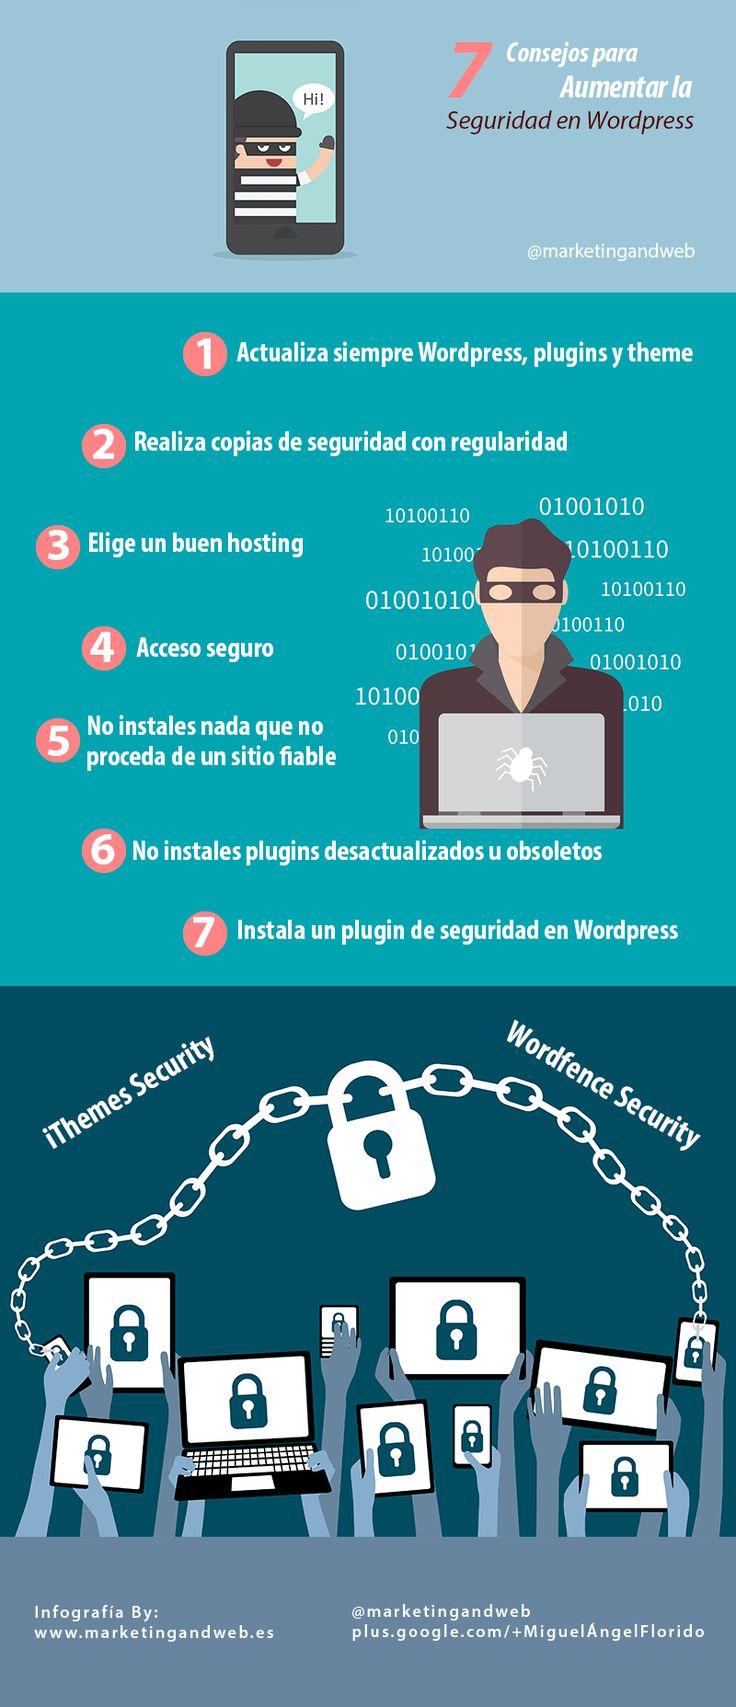 7 consejos para aumentar la seguridad de tu WordPress